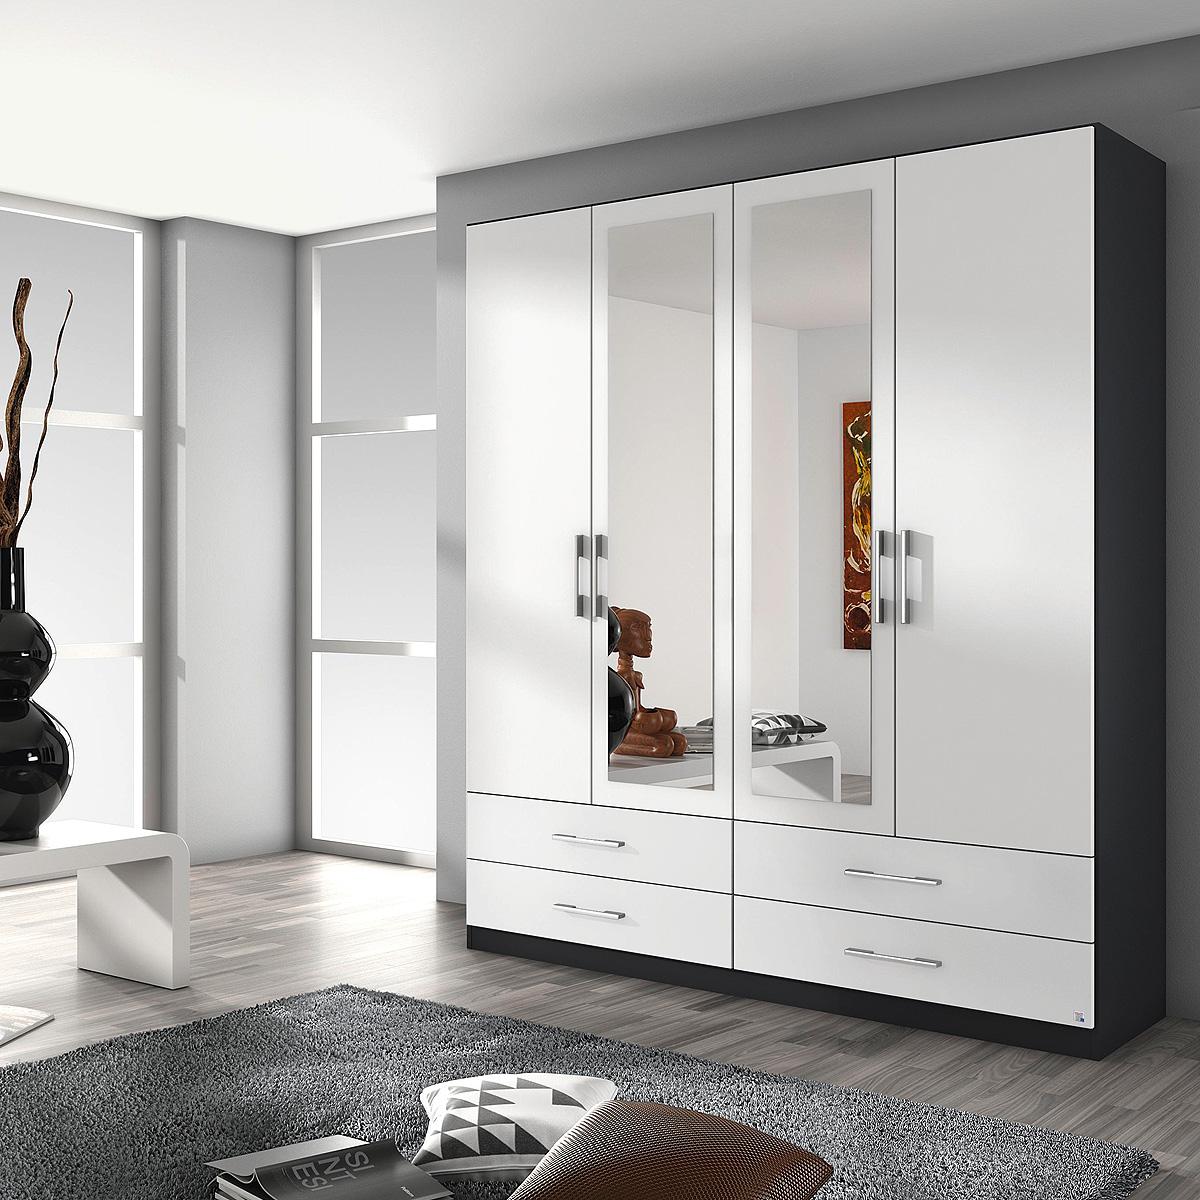 kleiderschrank hersbruck schrank in wei grau metallic oder eiche stirling 181 ebay. Black Bedroom Furniture Sets. Home Design Ideas